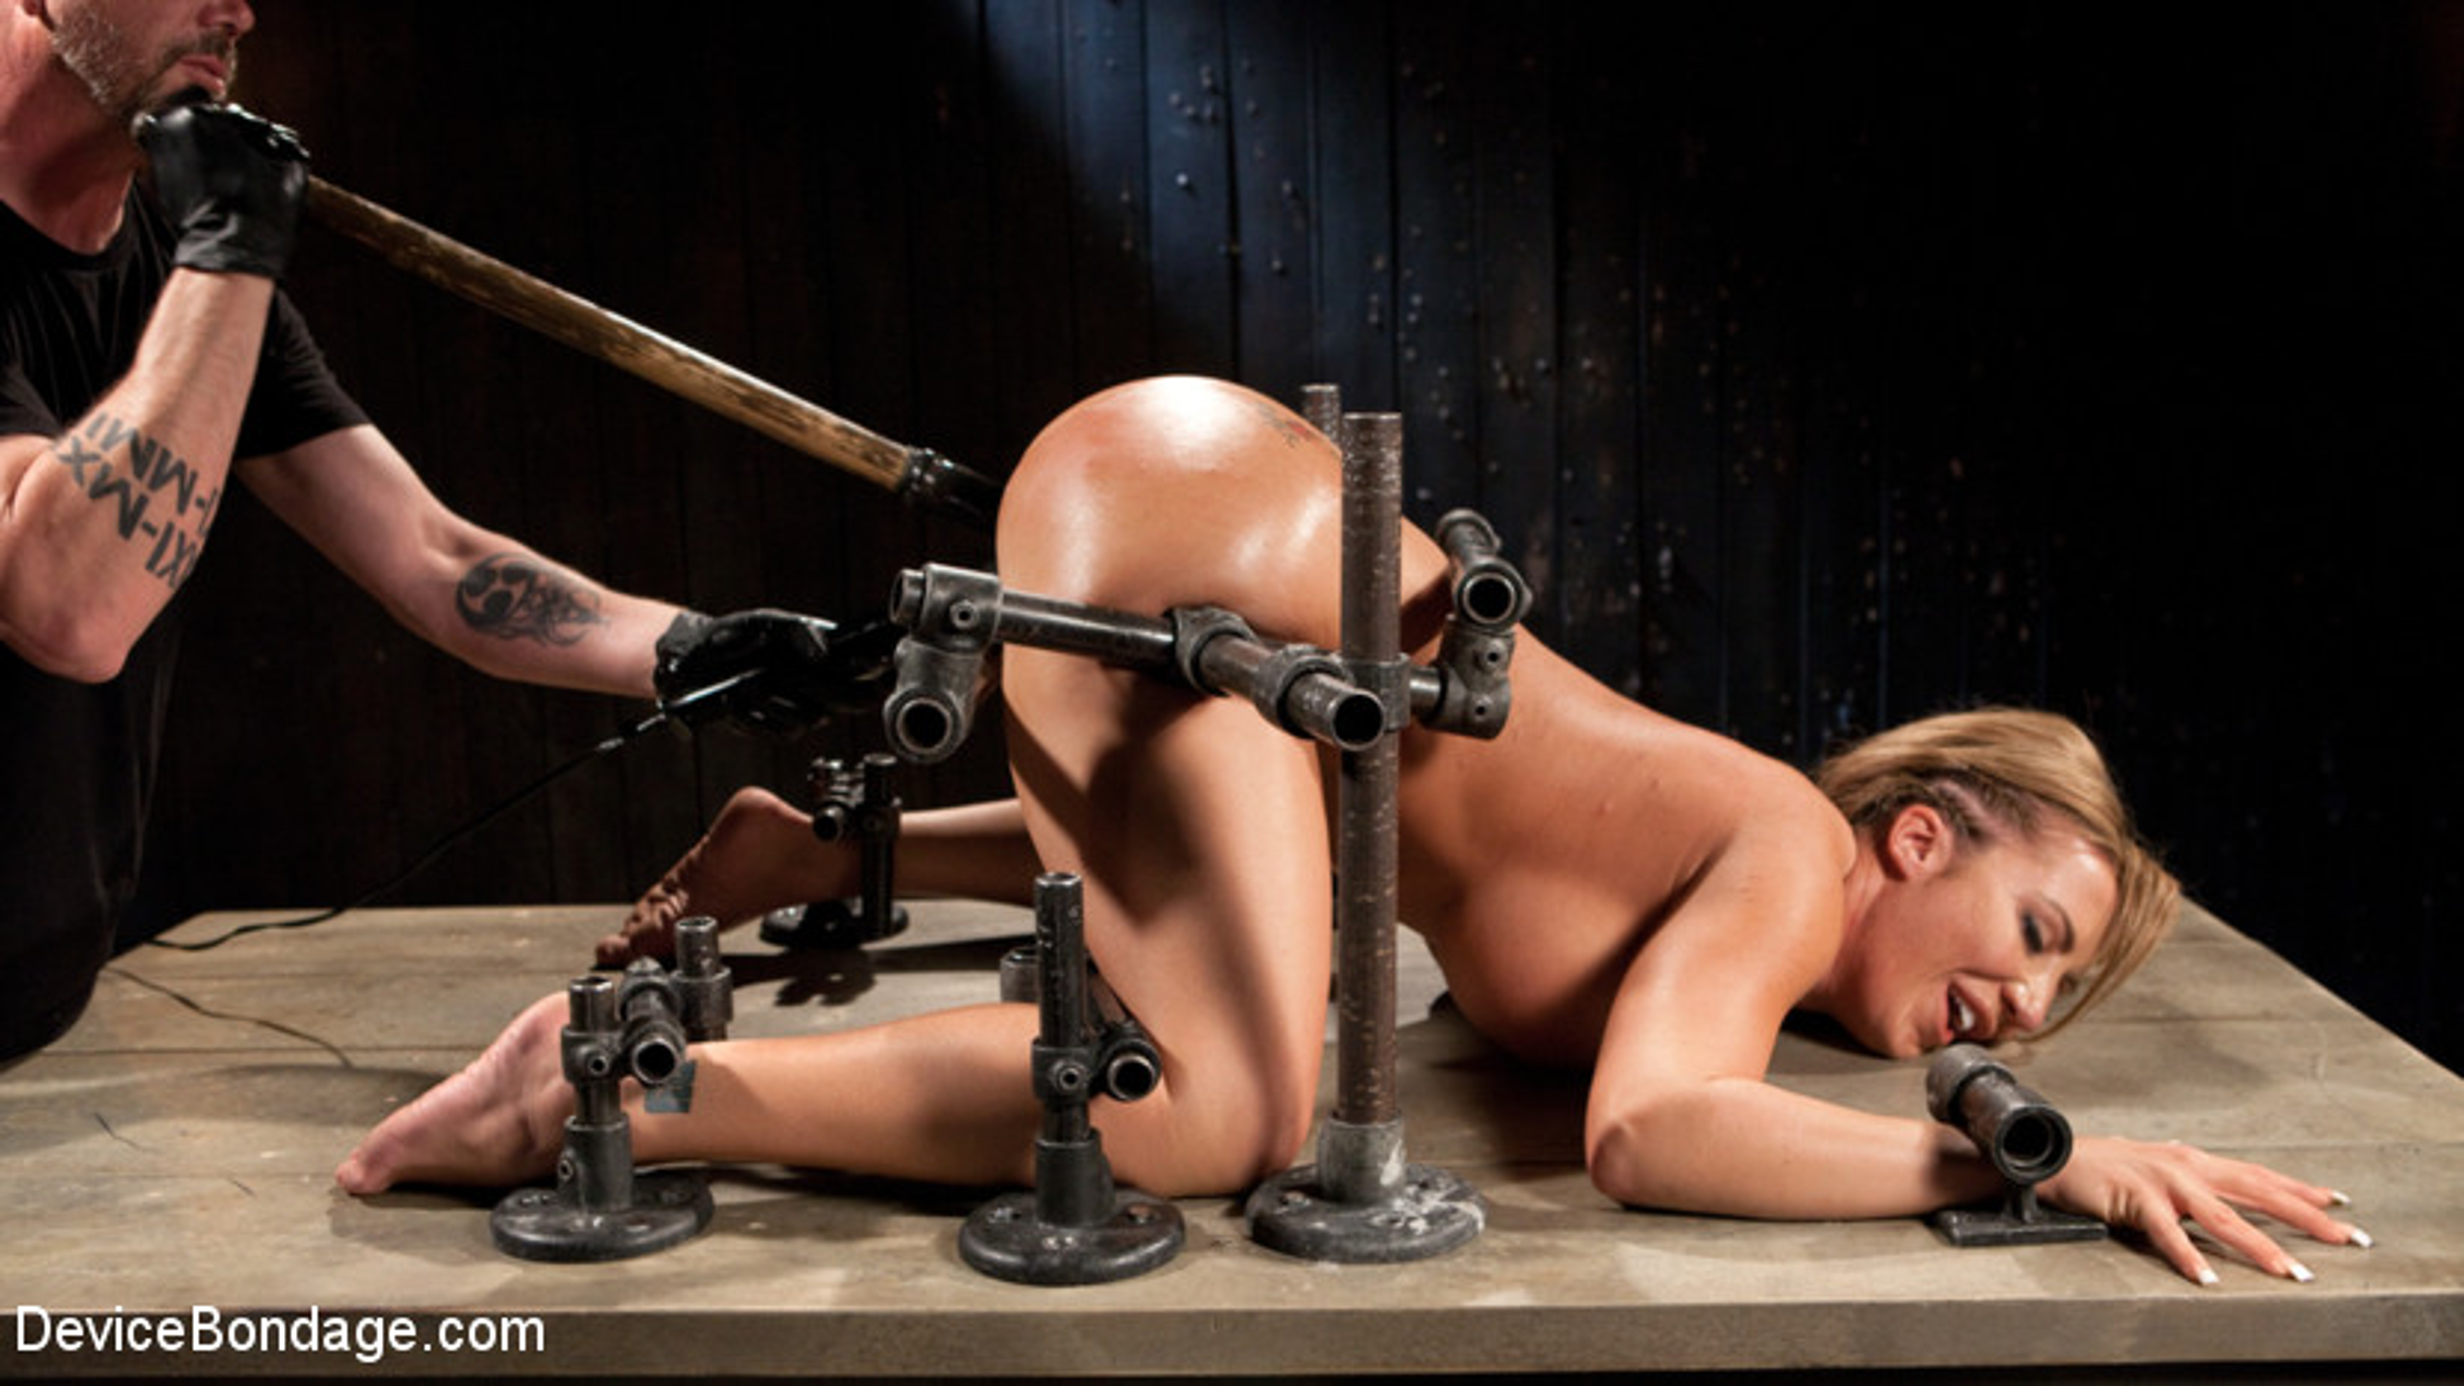 Permanent rubber bondage